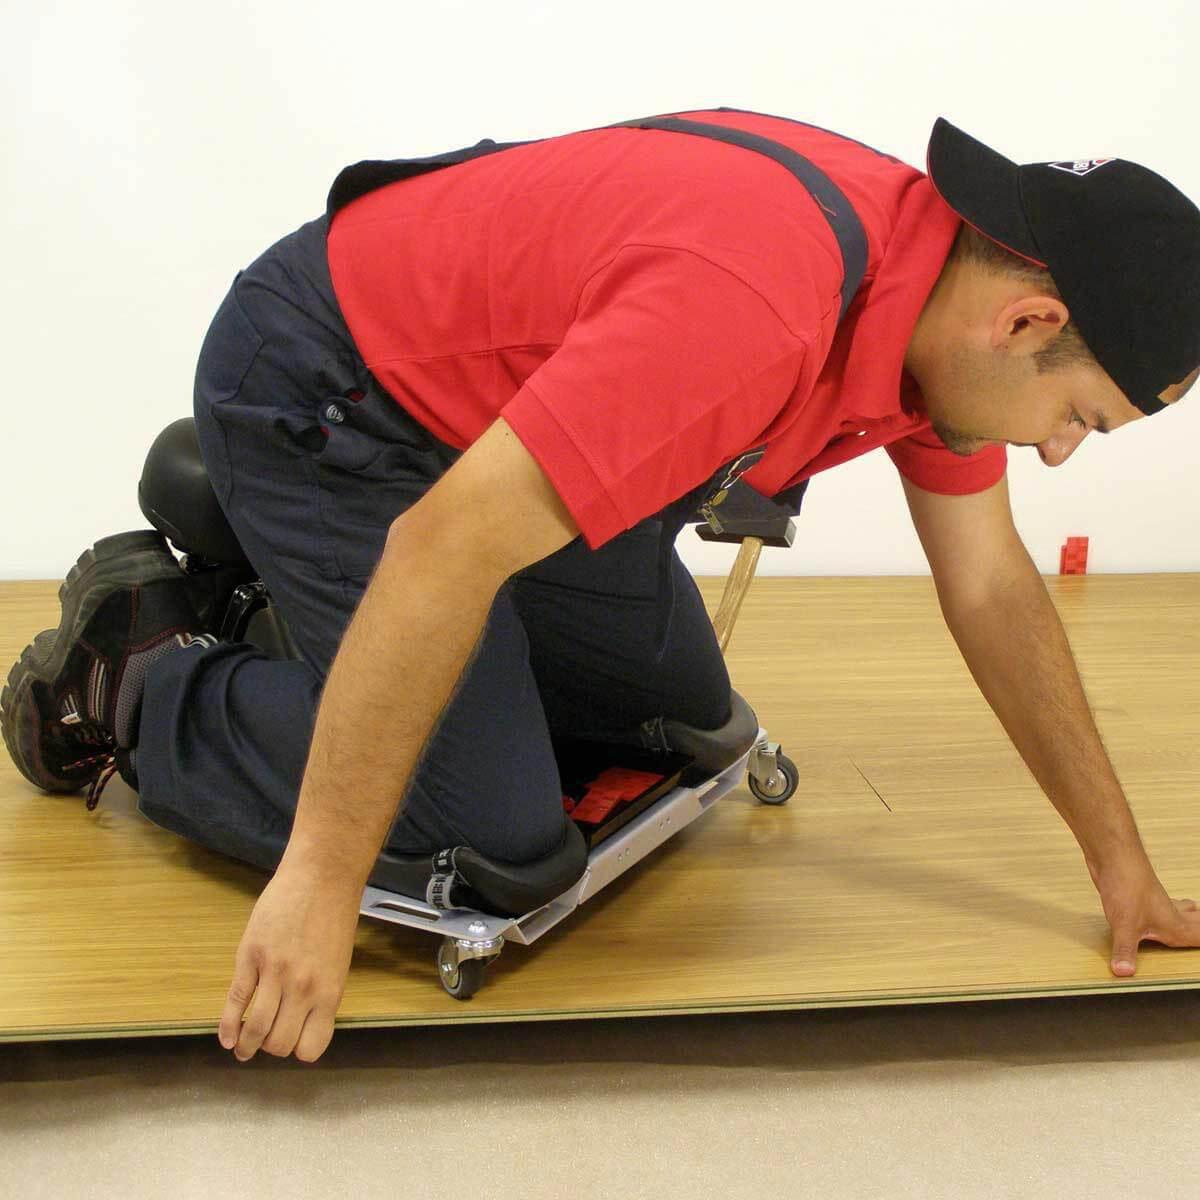 rubi SR1 Knee Pad wood floor